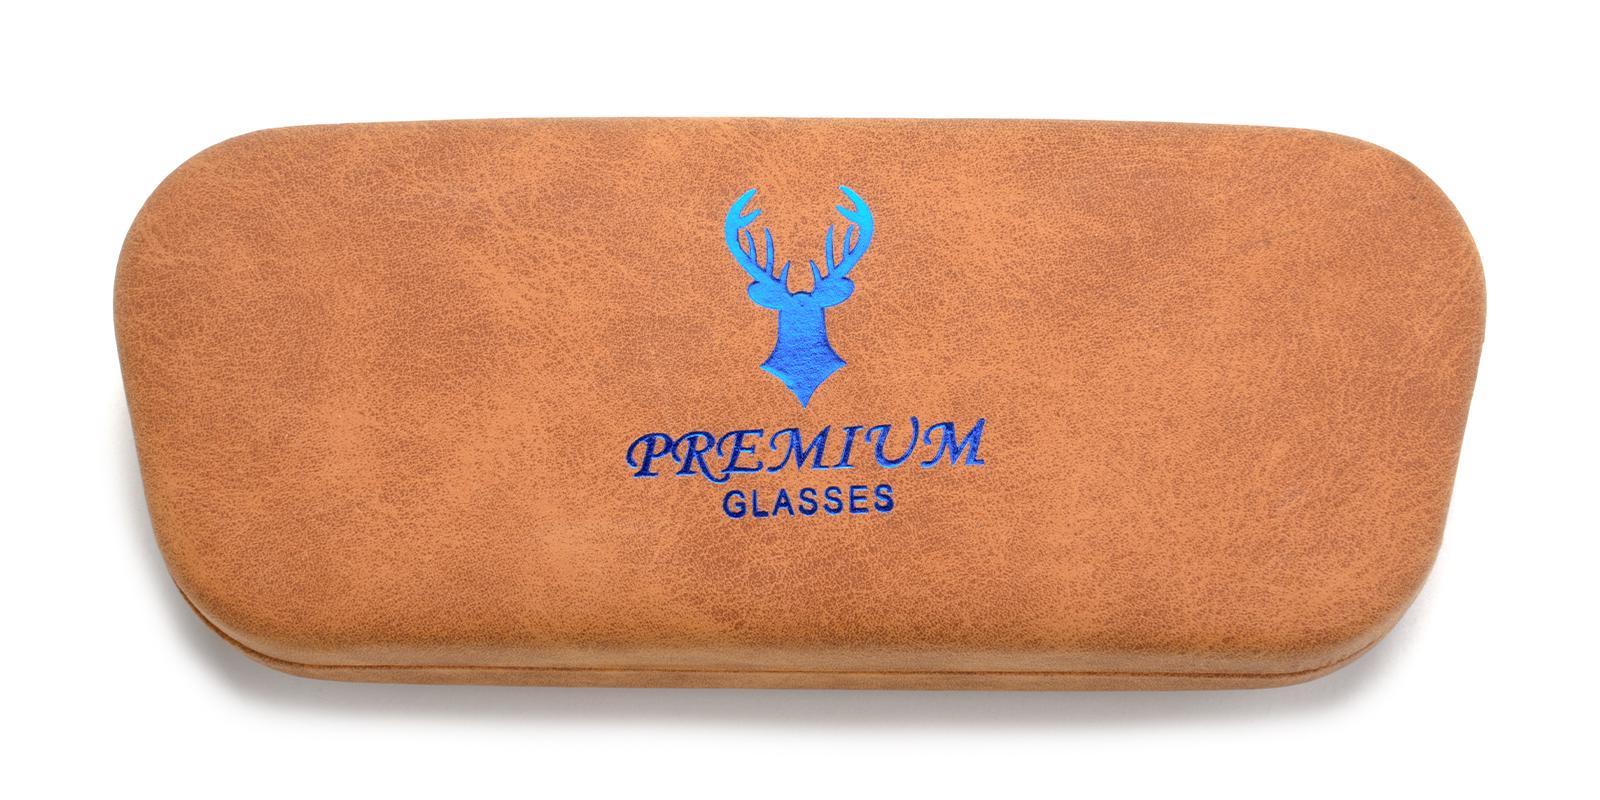 Deer Glasses Case Brown   Frames from ABBE Glasses